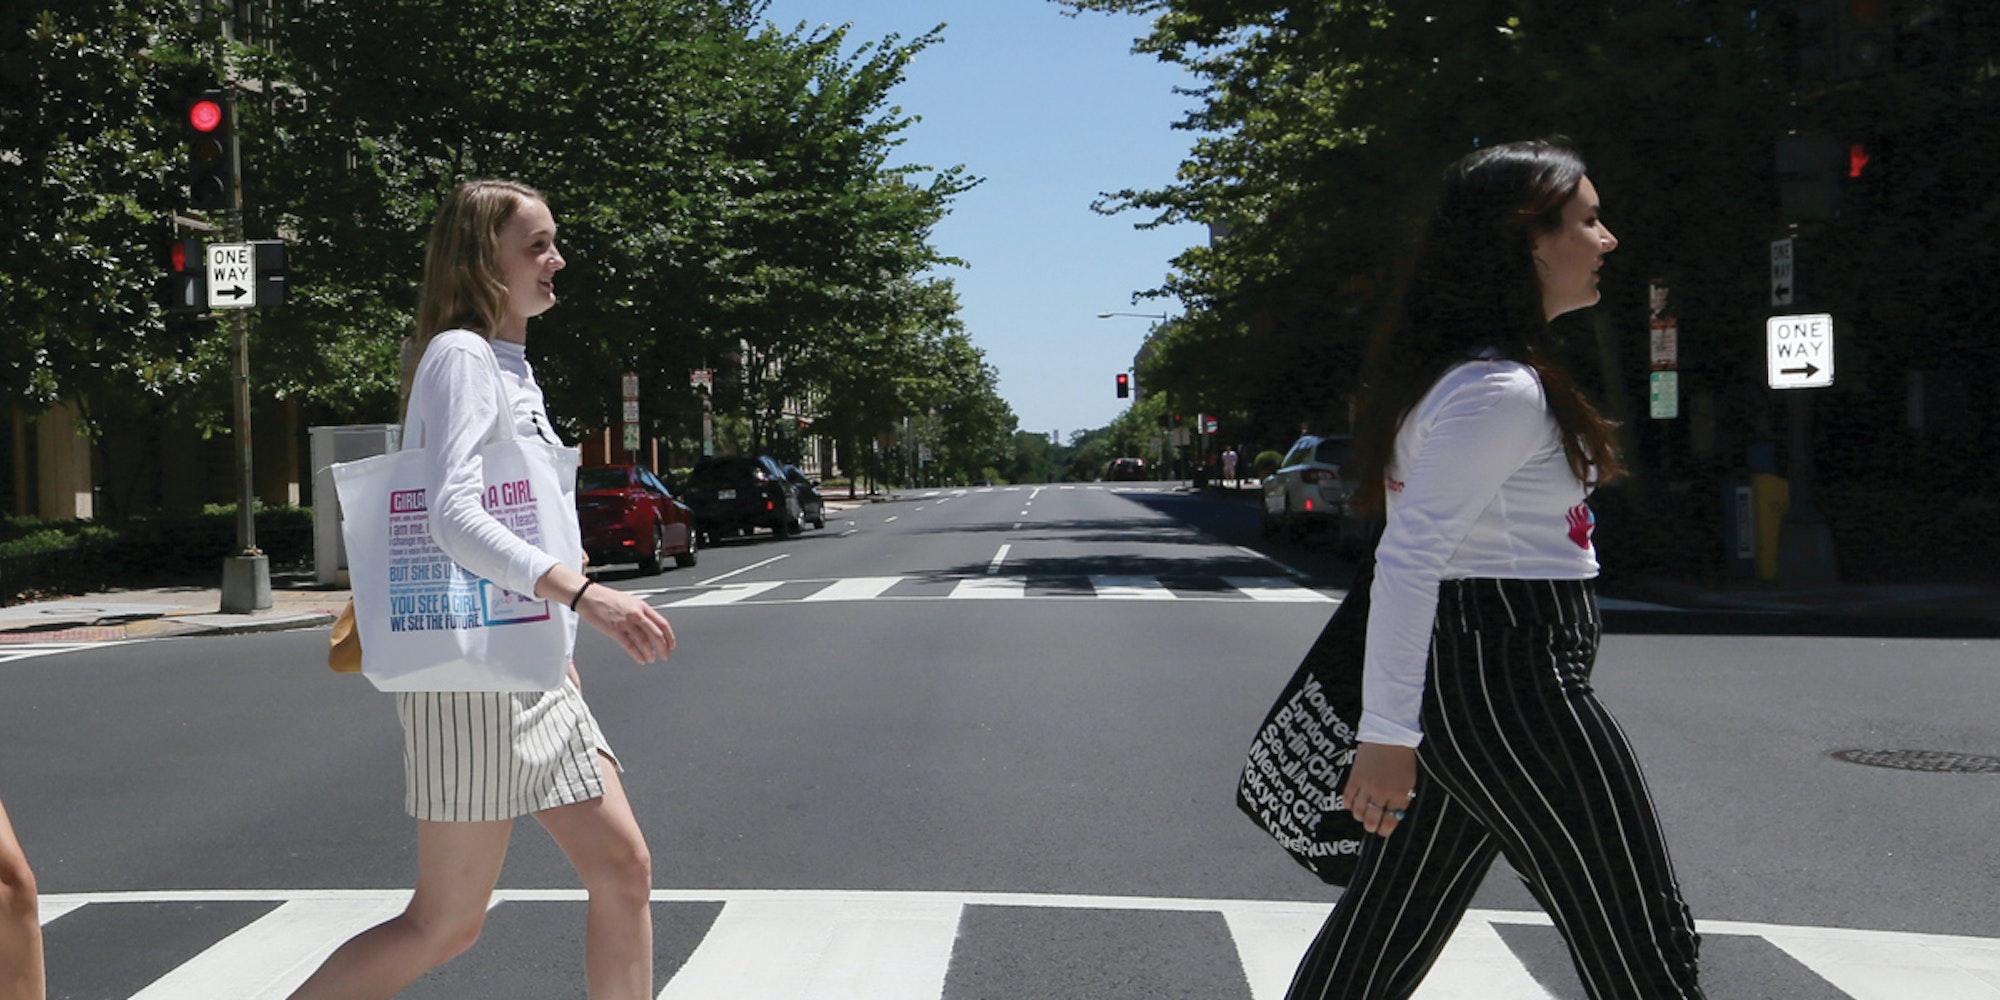 5 名女孩穿着青年顾问 T 恤,面朝前方一个接一个地过马路